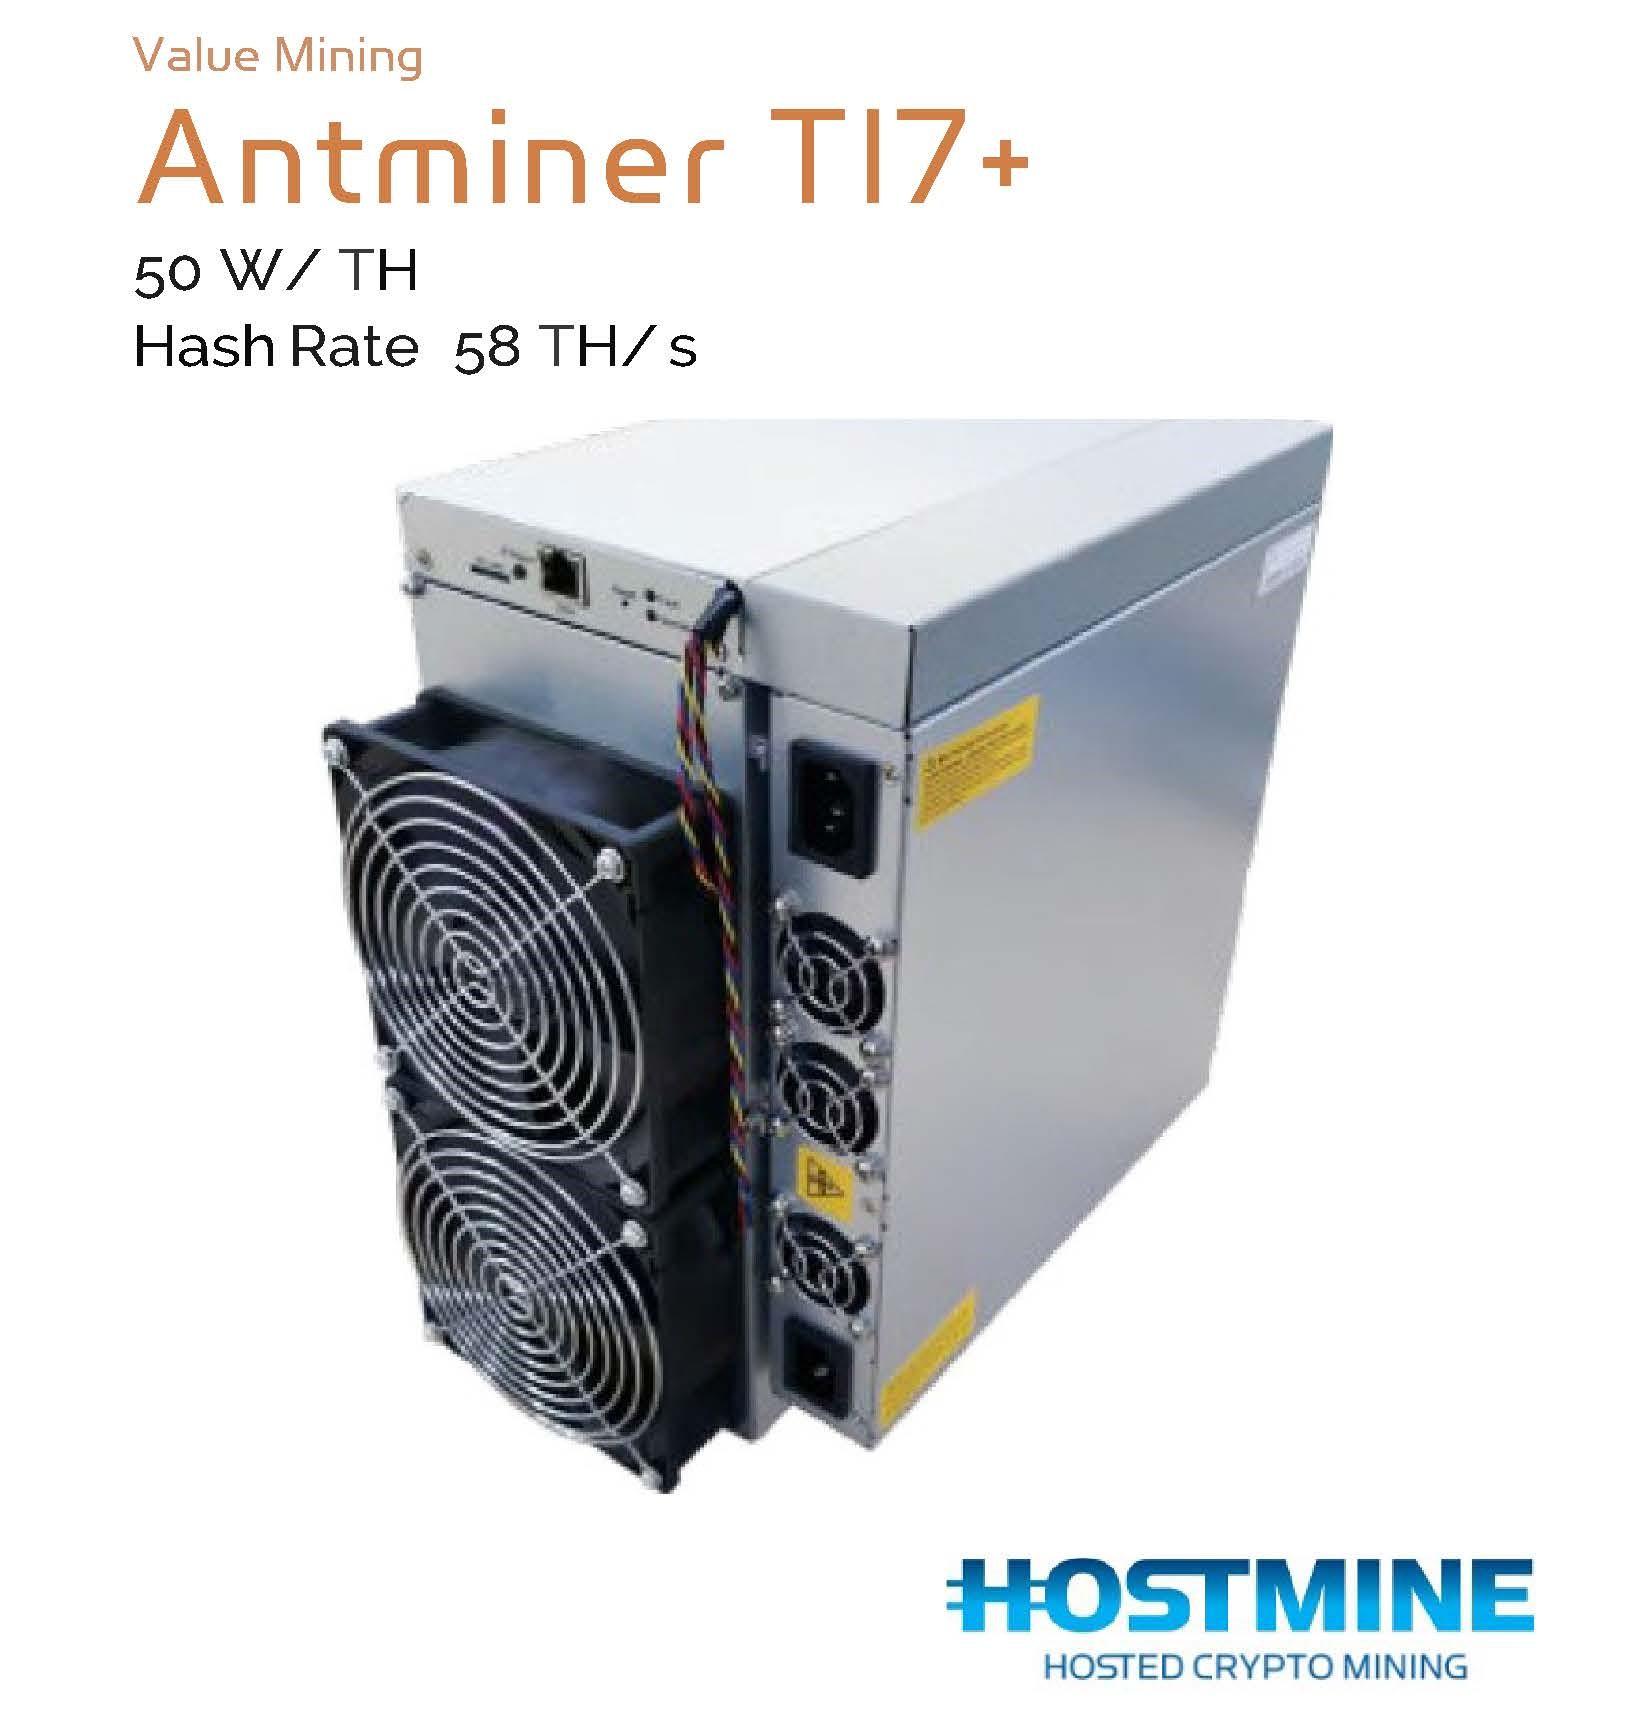 AntMiner T17+ 58 TH/s   HOSTMINE